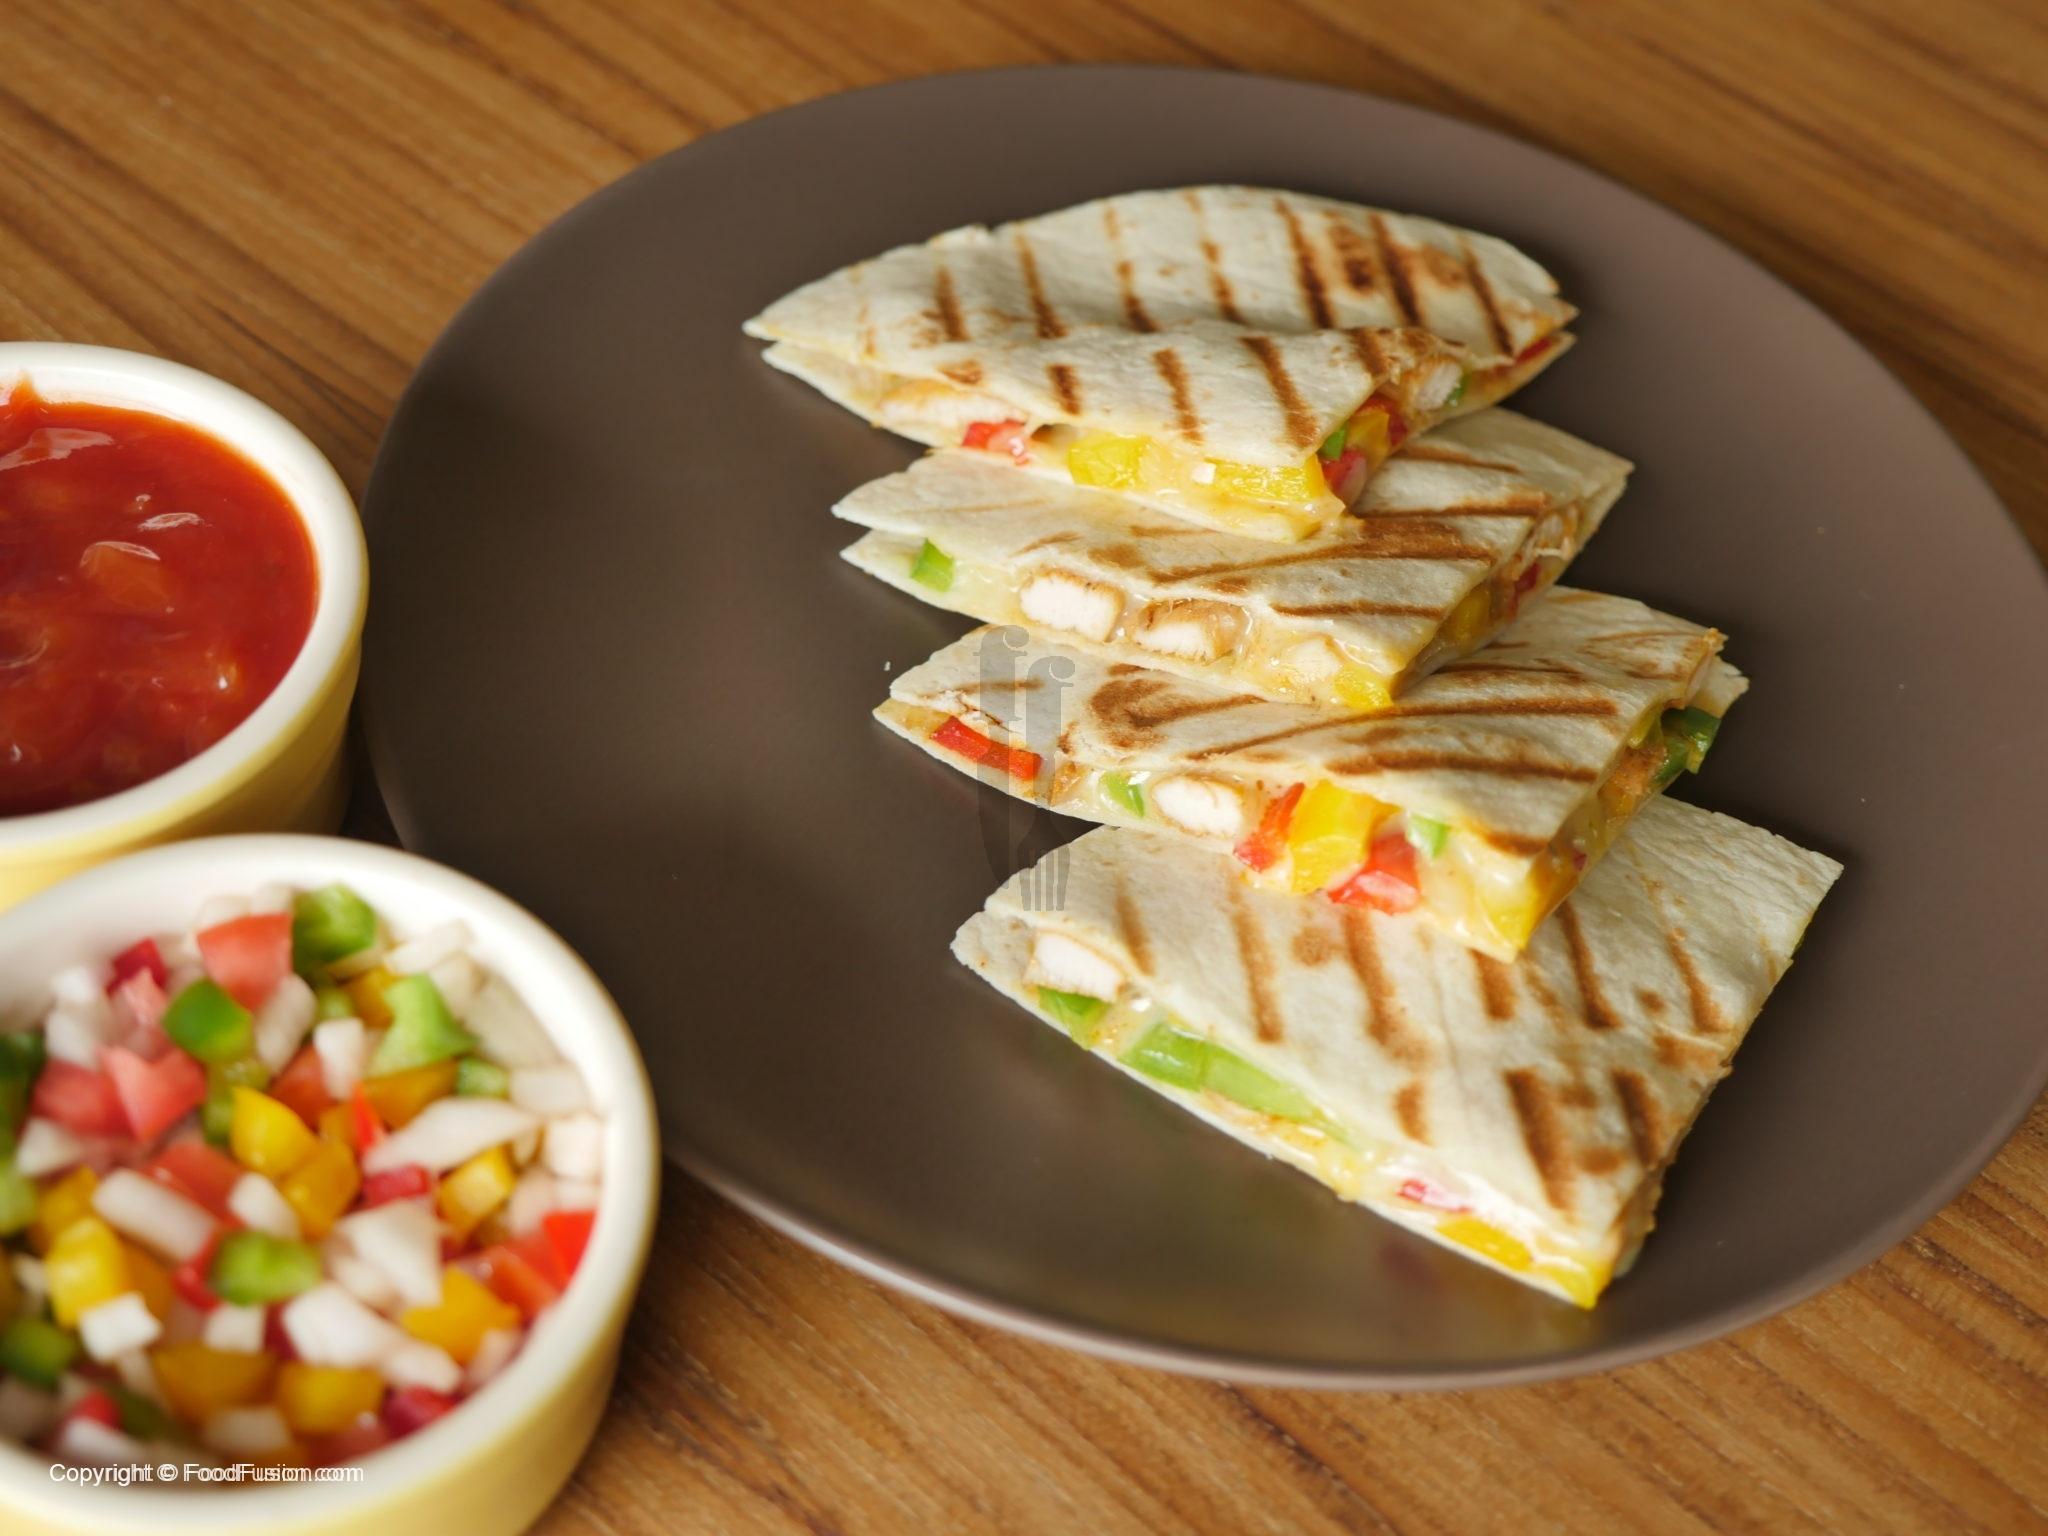 Chicken Quesadillas Recipe By Food Fusion Food Fusion